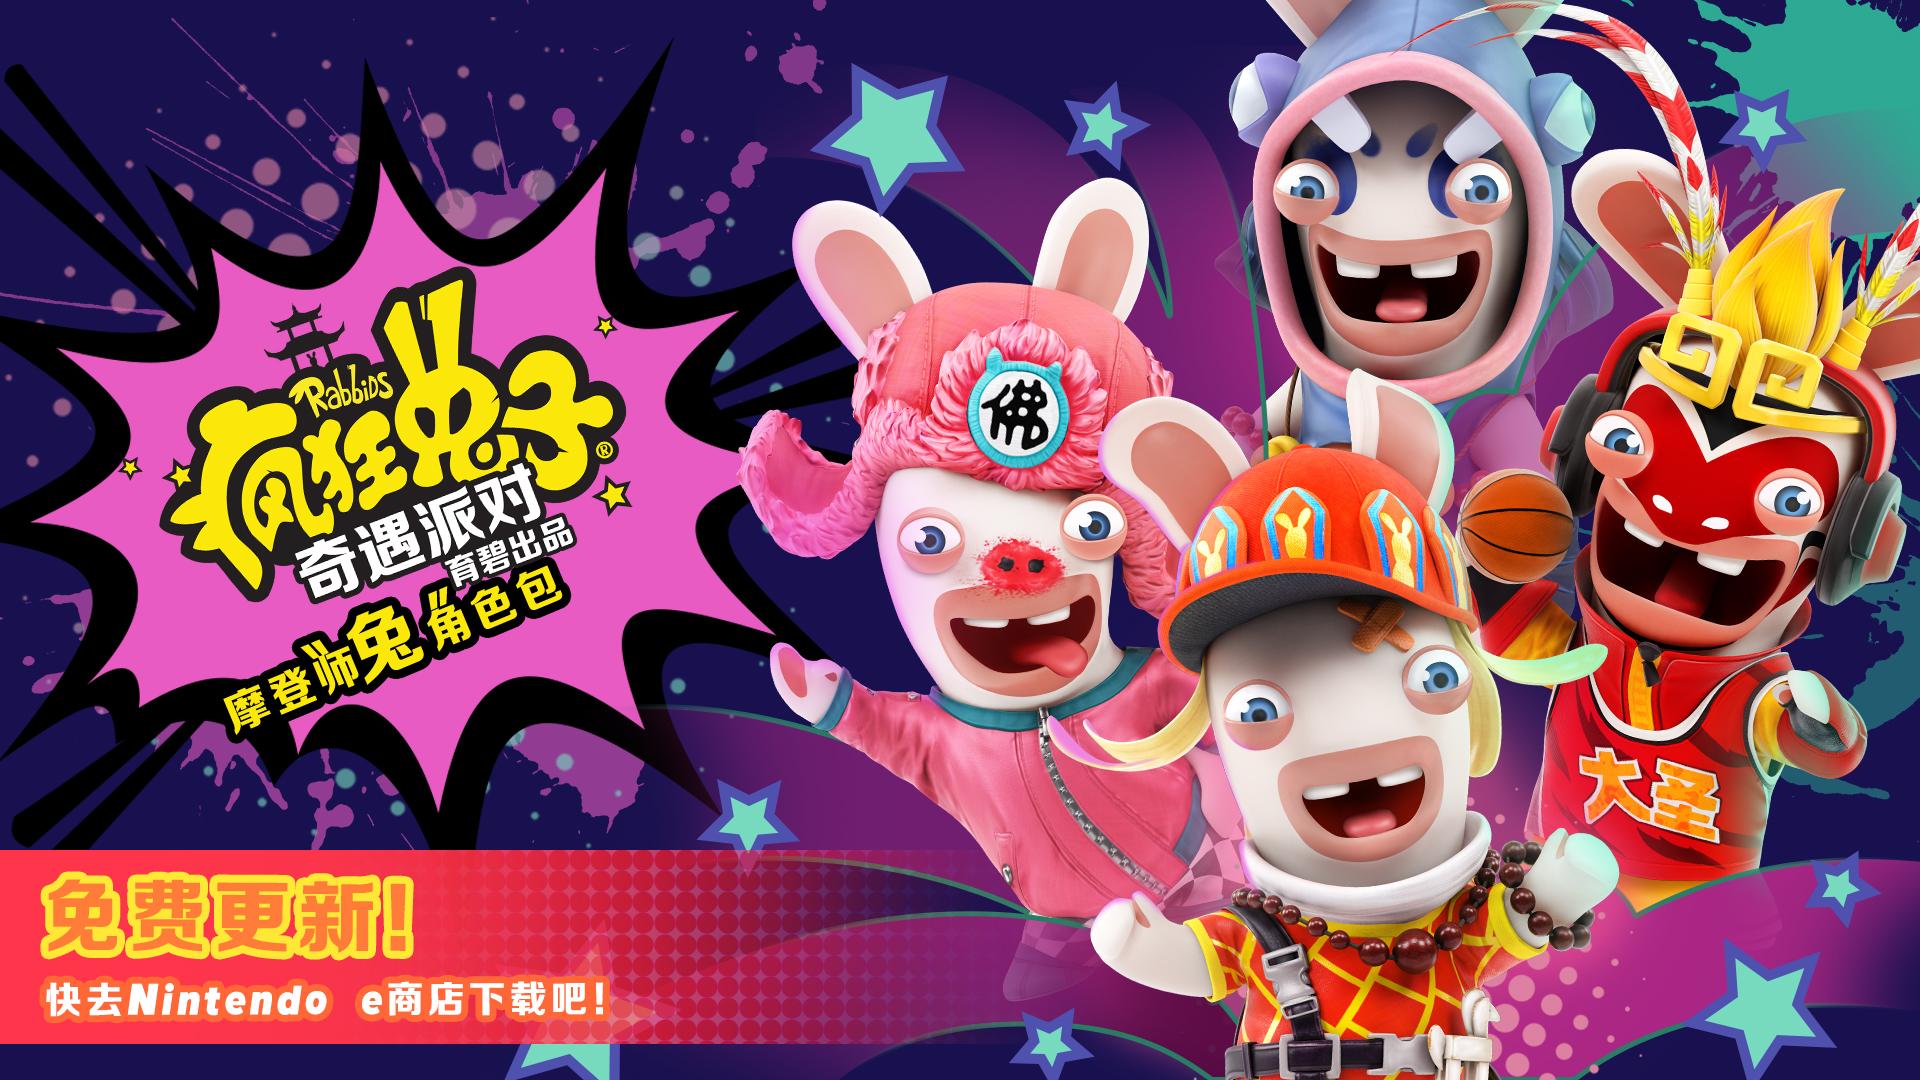 《疯狂兔子:奇遇派对》首个免费更新内容现已推出 可免费获取全新角色